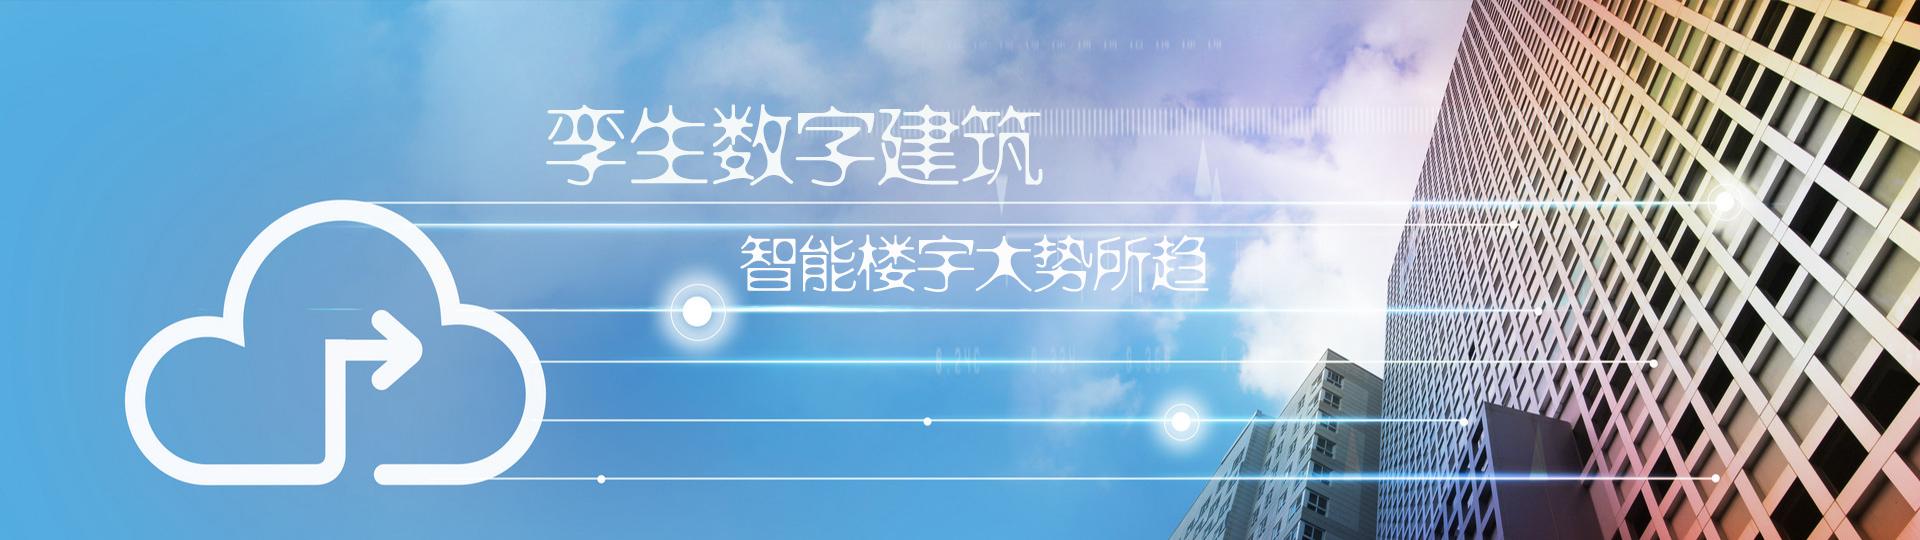 孪生数字建筑,智能楼宇升级大势所趋